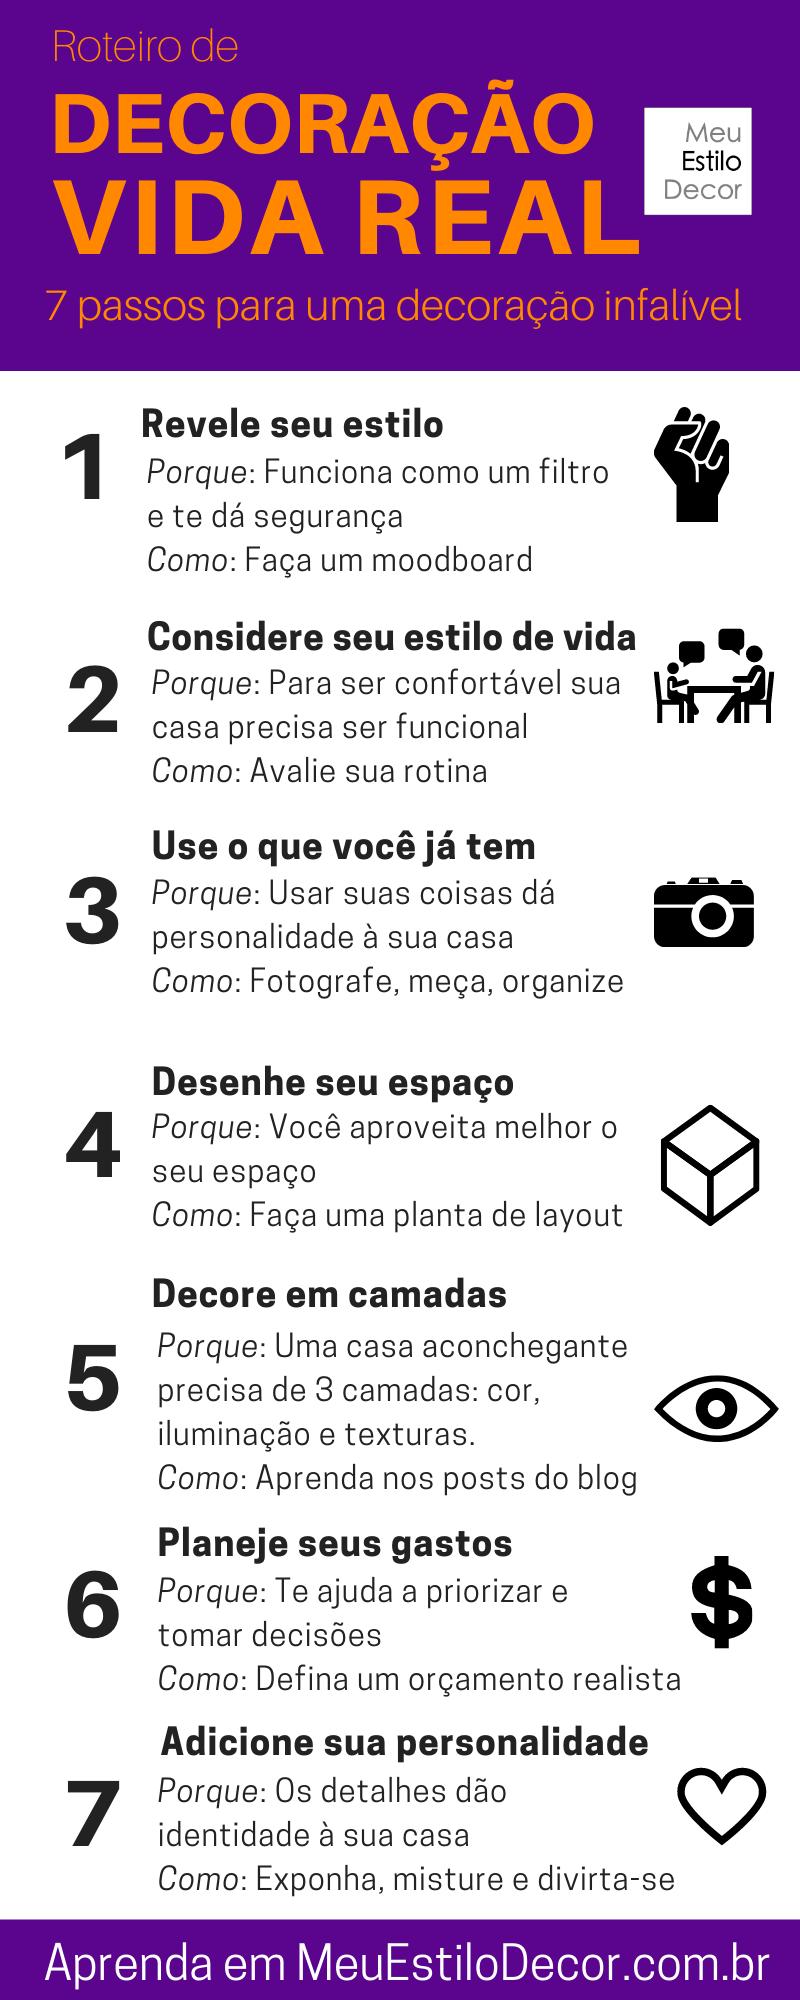 7 passos de decoração infalível infografico passo a passo